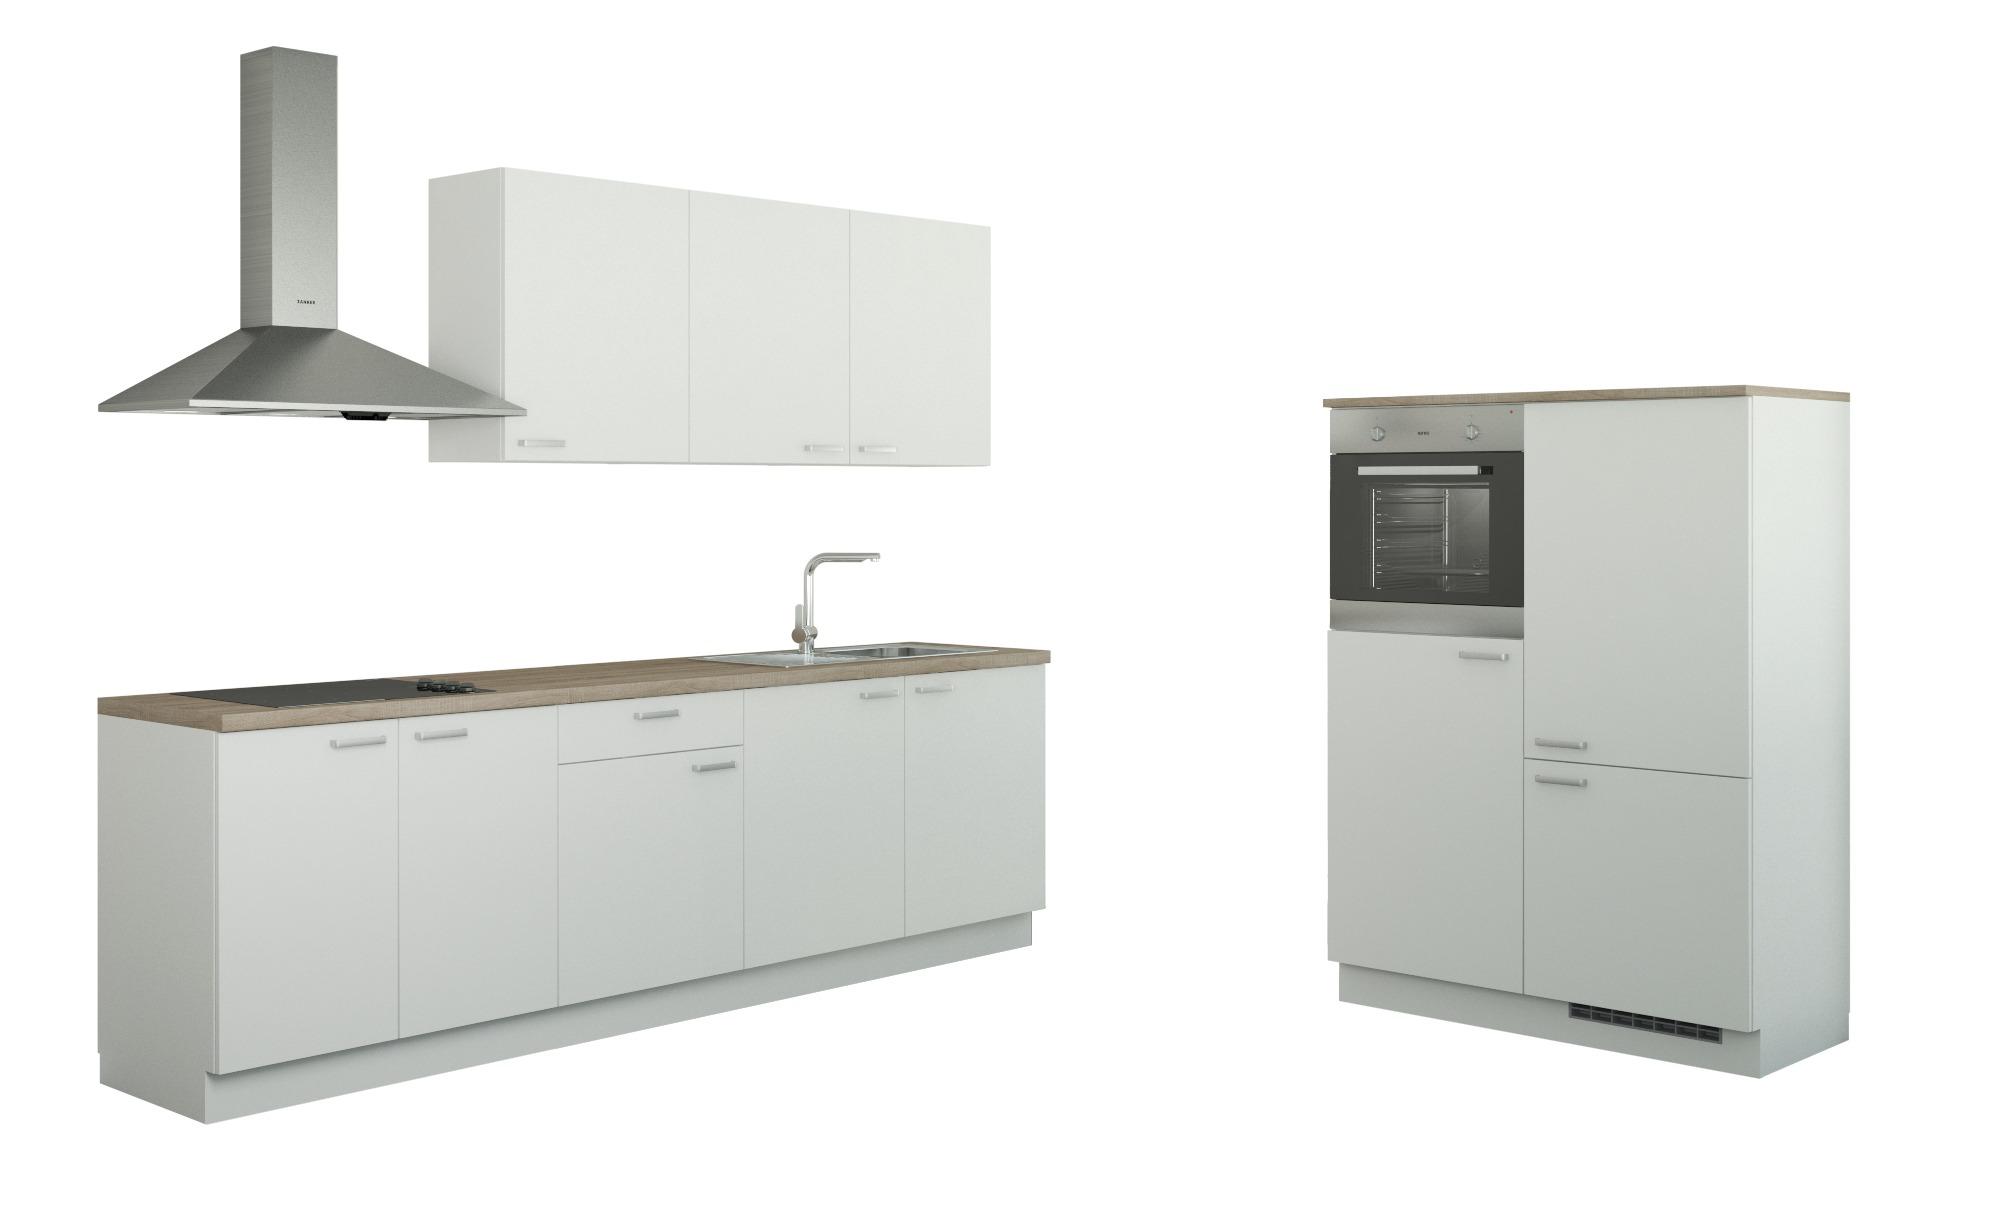 Küchenzeile mit Elektrogeräten   Gotha ¦ weiß Küchen > Küchenblöcke - Höffner | Küche und Esszimmer > Küchen > Küchenzeilen | Weiß | Holzwerkstoff | Möbel Höffner DE